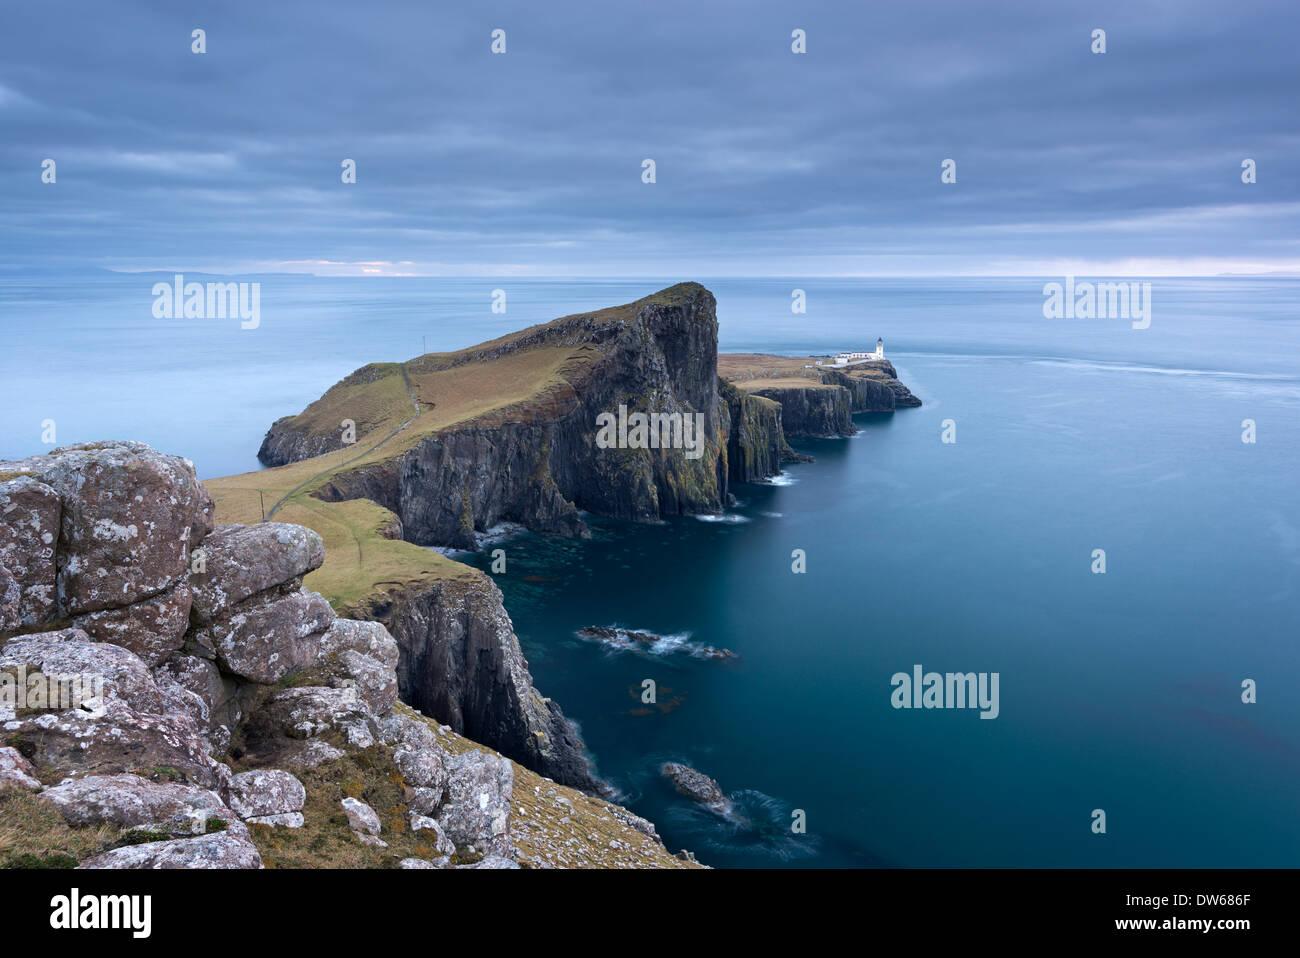 Landschaftlich Point, der westlichste Punkt auf der Isle Of Skye, innere Hebriden, Schottland. Winter (Dezember) 2013. Stockbild